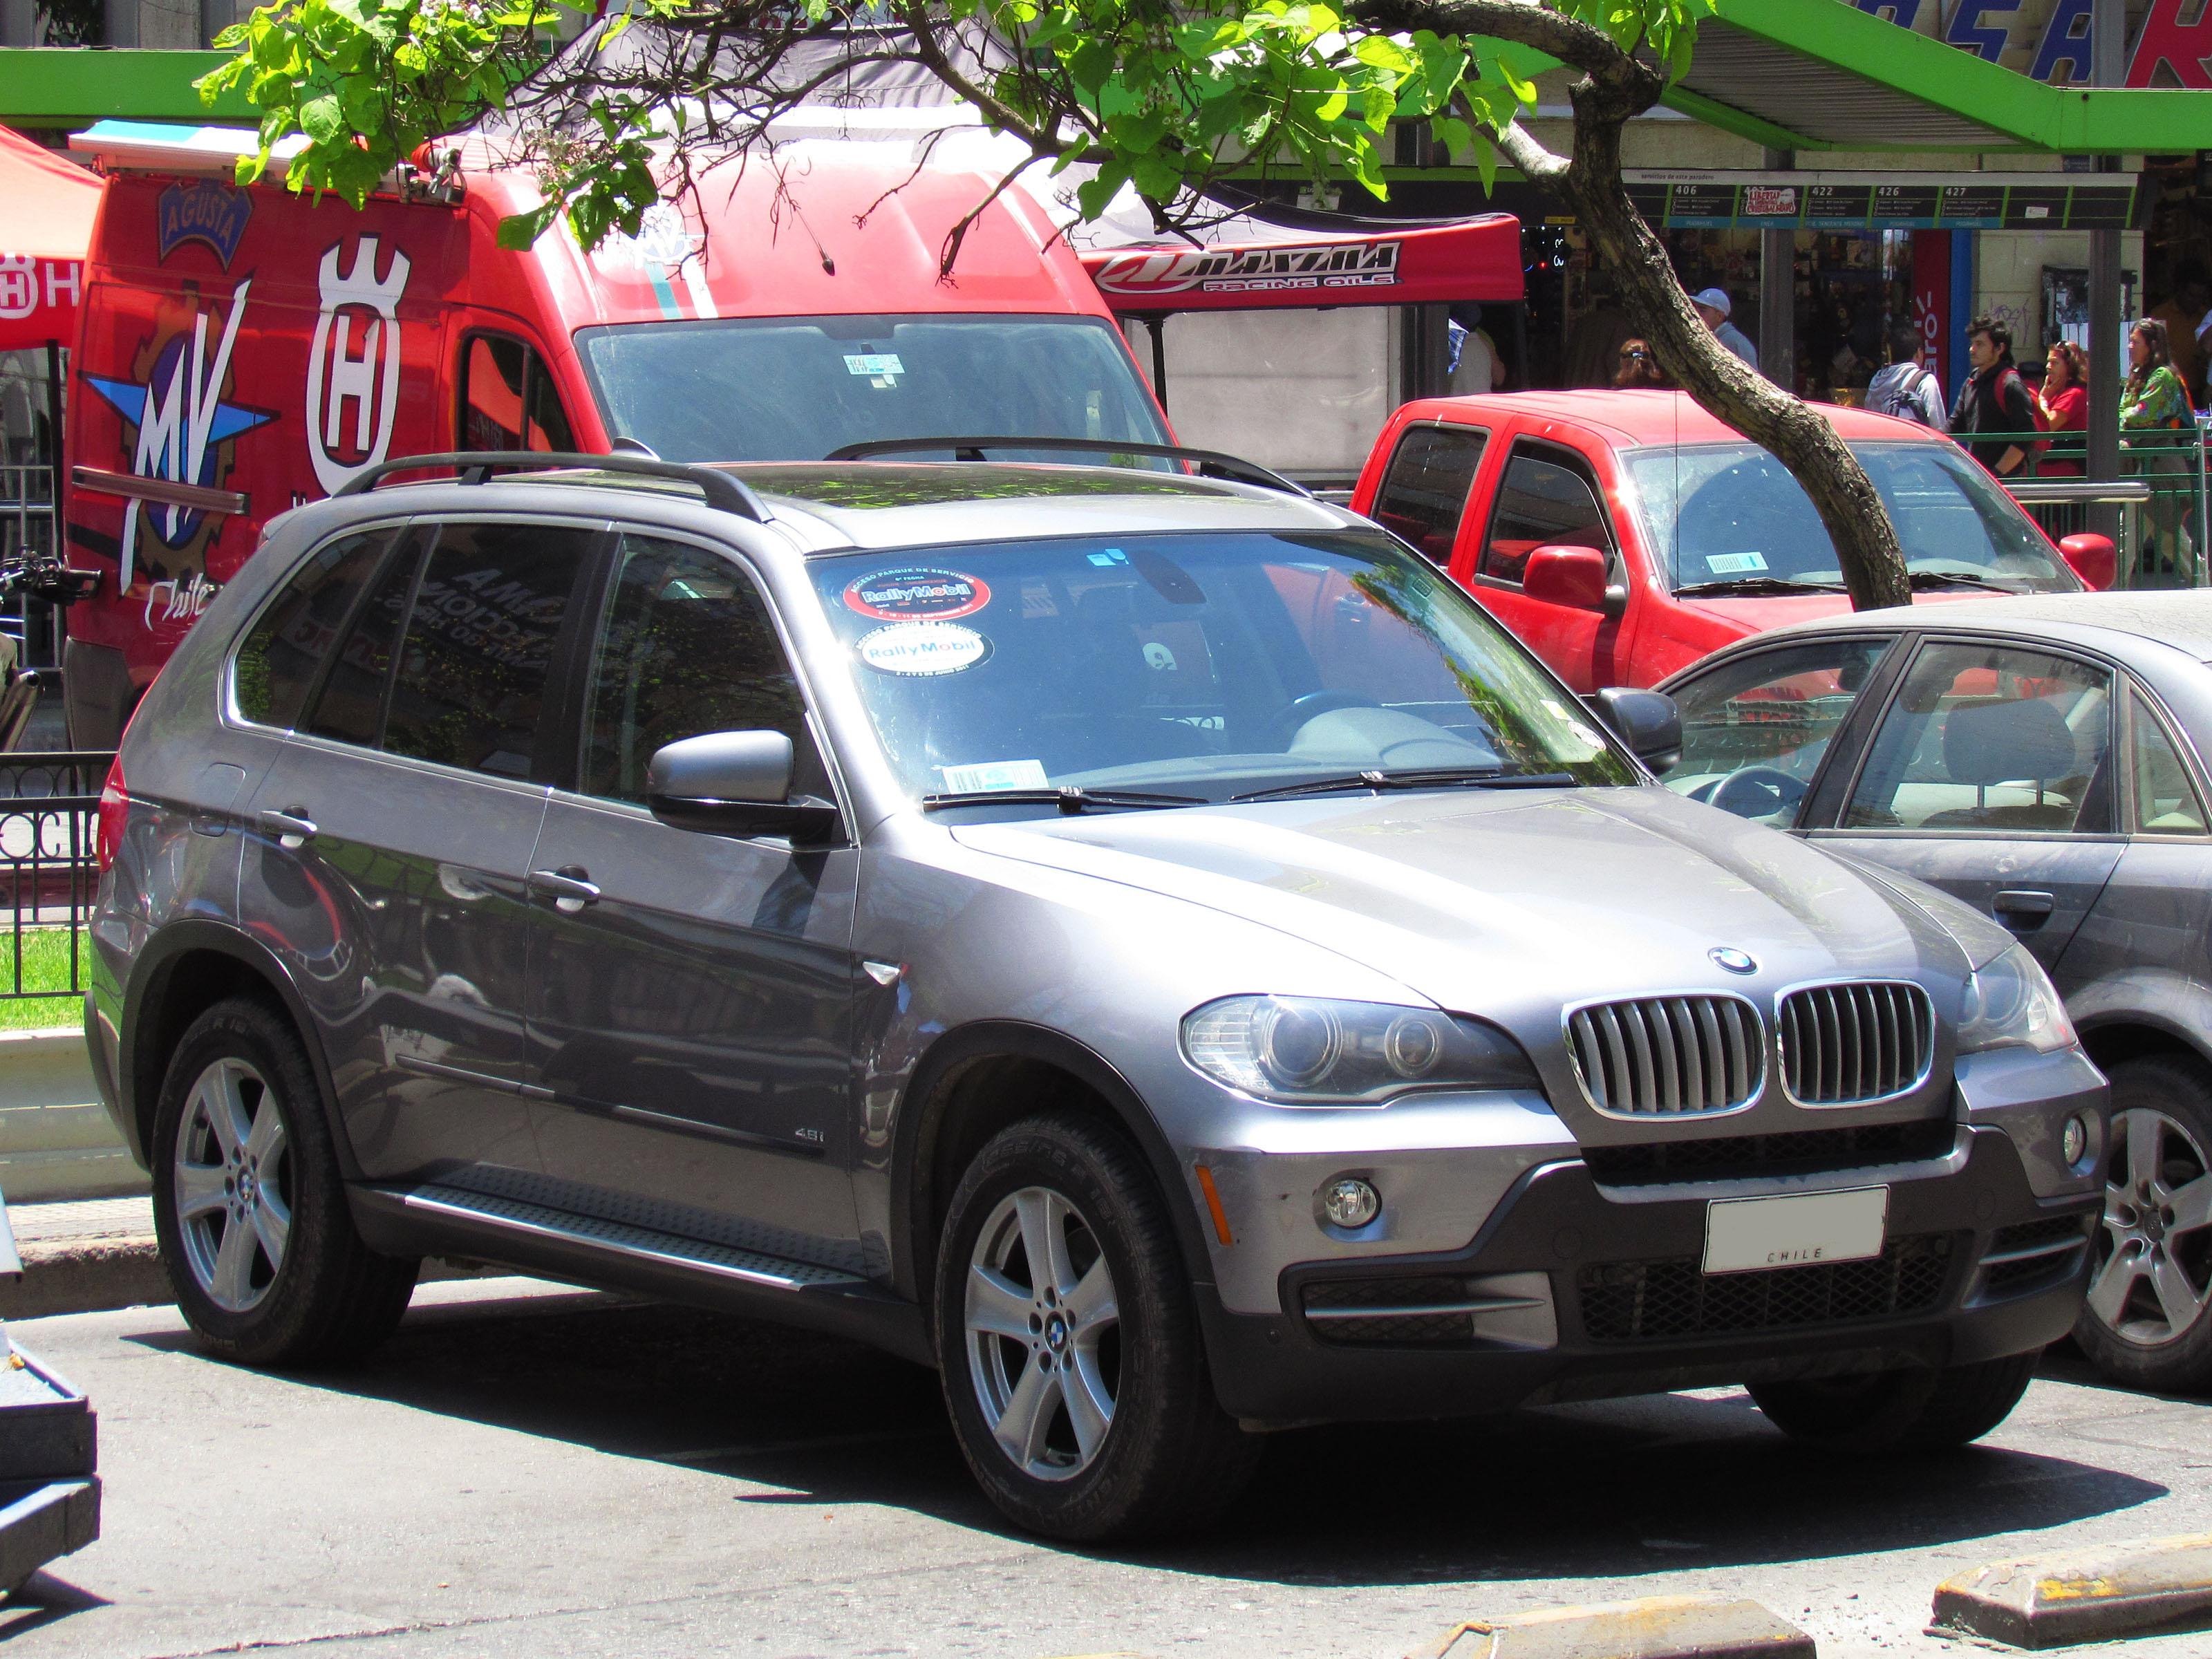 BMW X5 (Wiki)